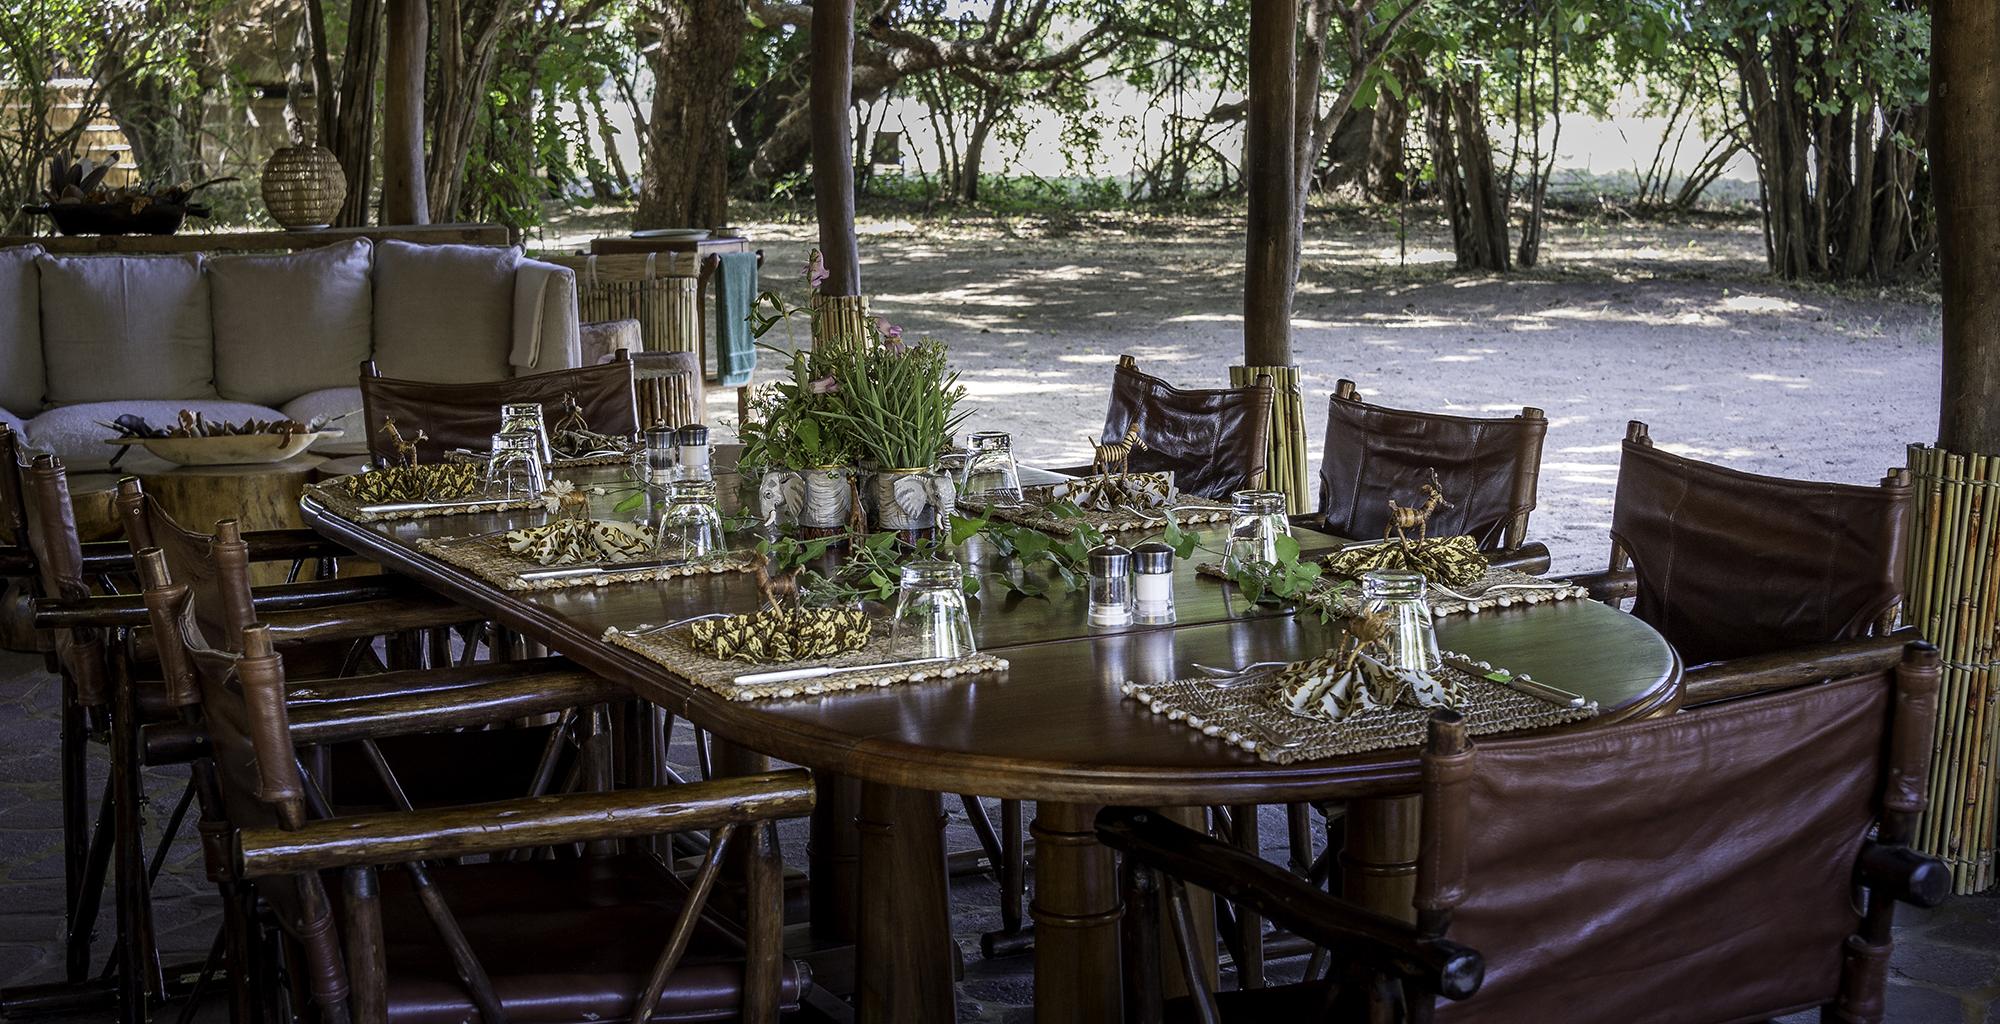 Zambia-Kuyenda-Dining